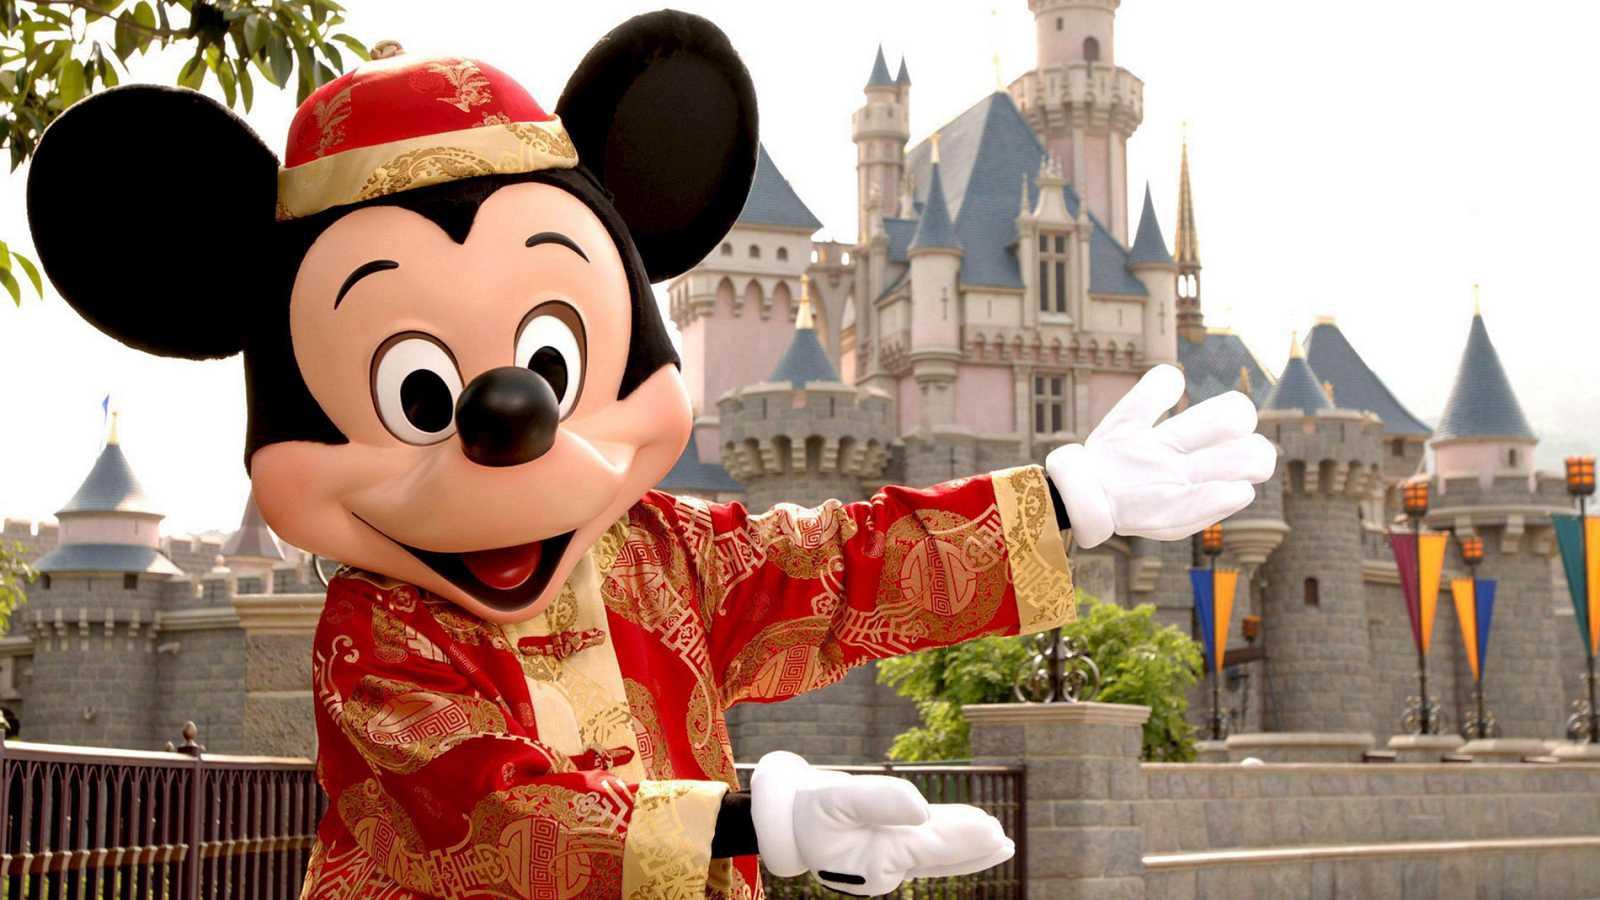 Disney Celebra El 90 Cumpleanos De Mickey Mouse Con Una Muestra En